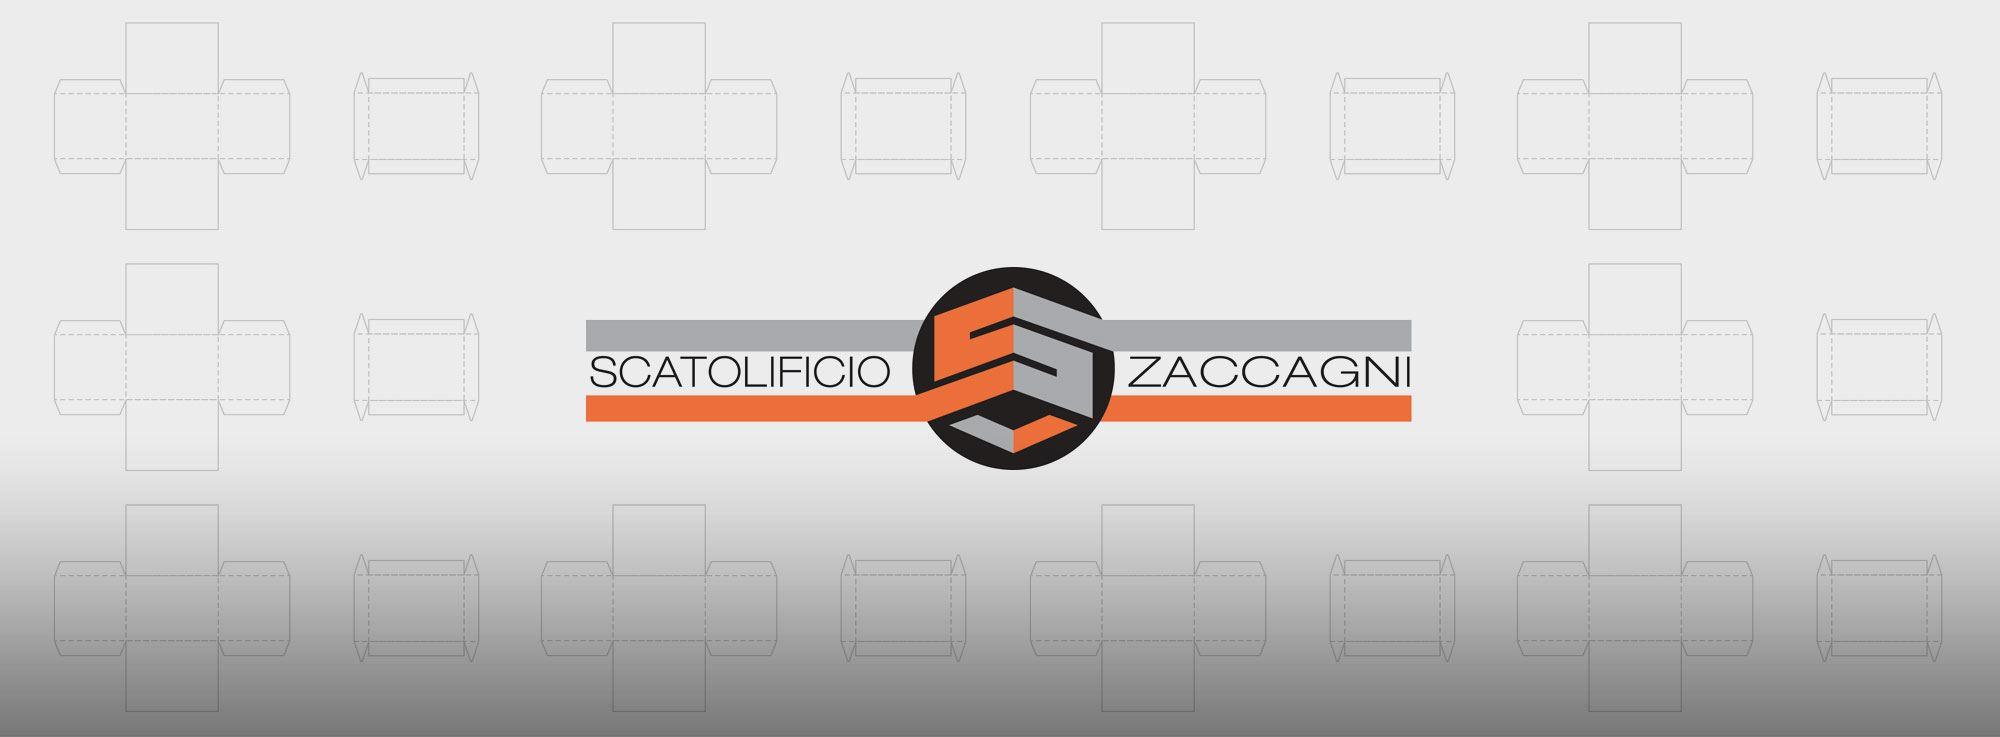 Scatolificio Zaccagni Barletta